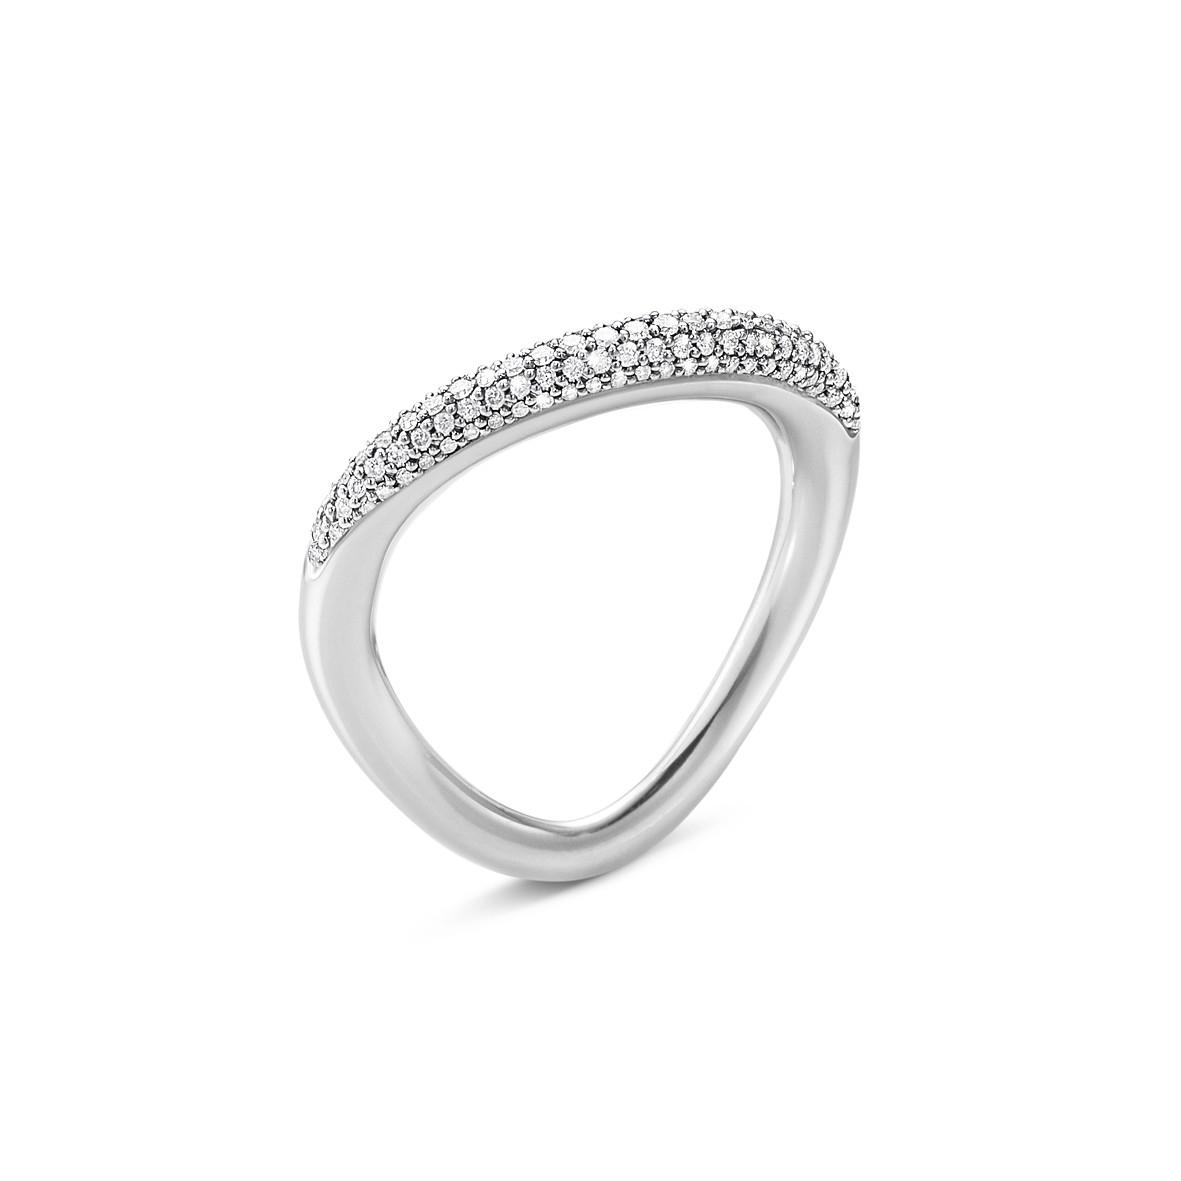 Georg Jensen Offspring Ring